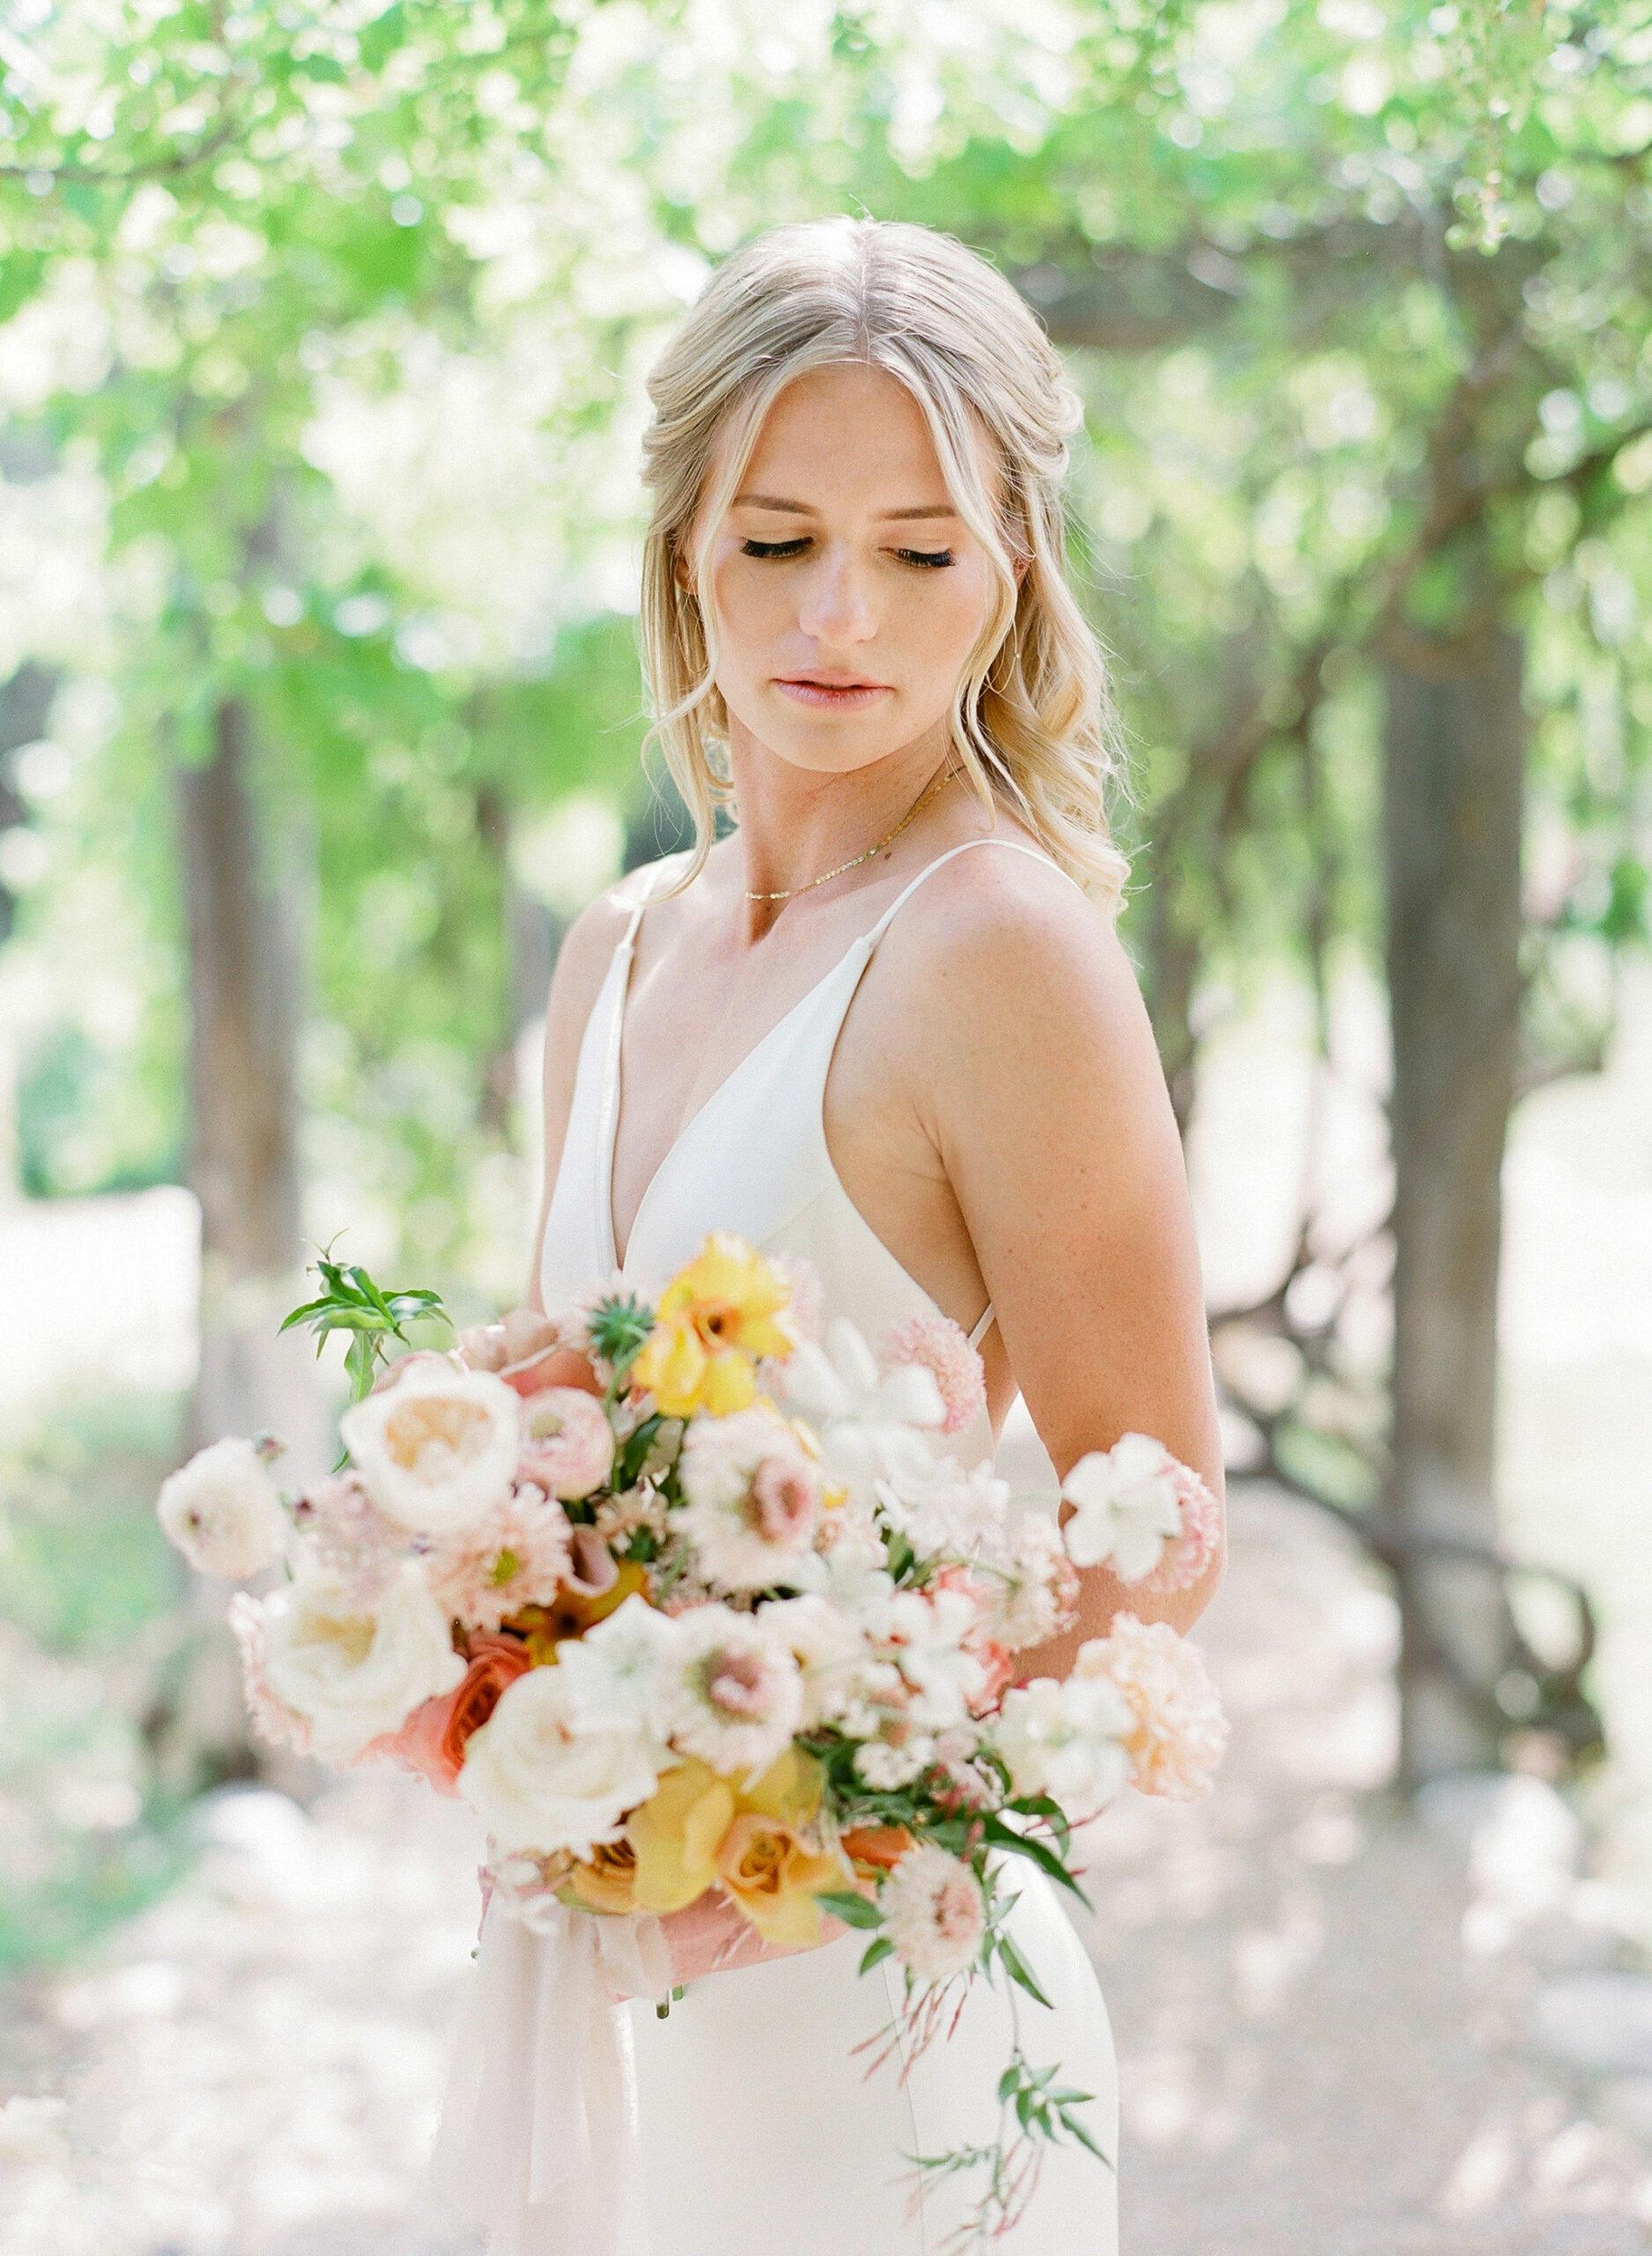 MARTHA STEWART WEDDING FEATURE